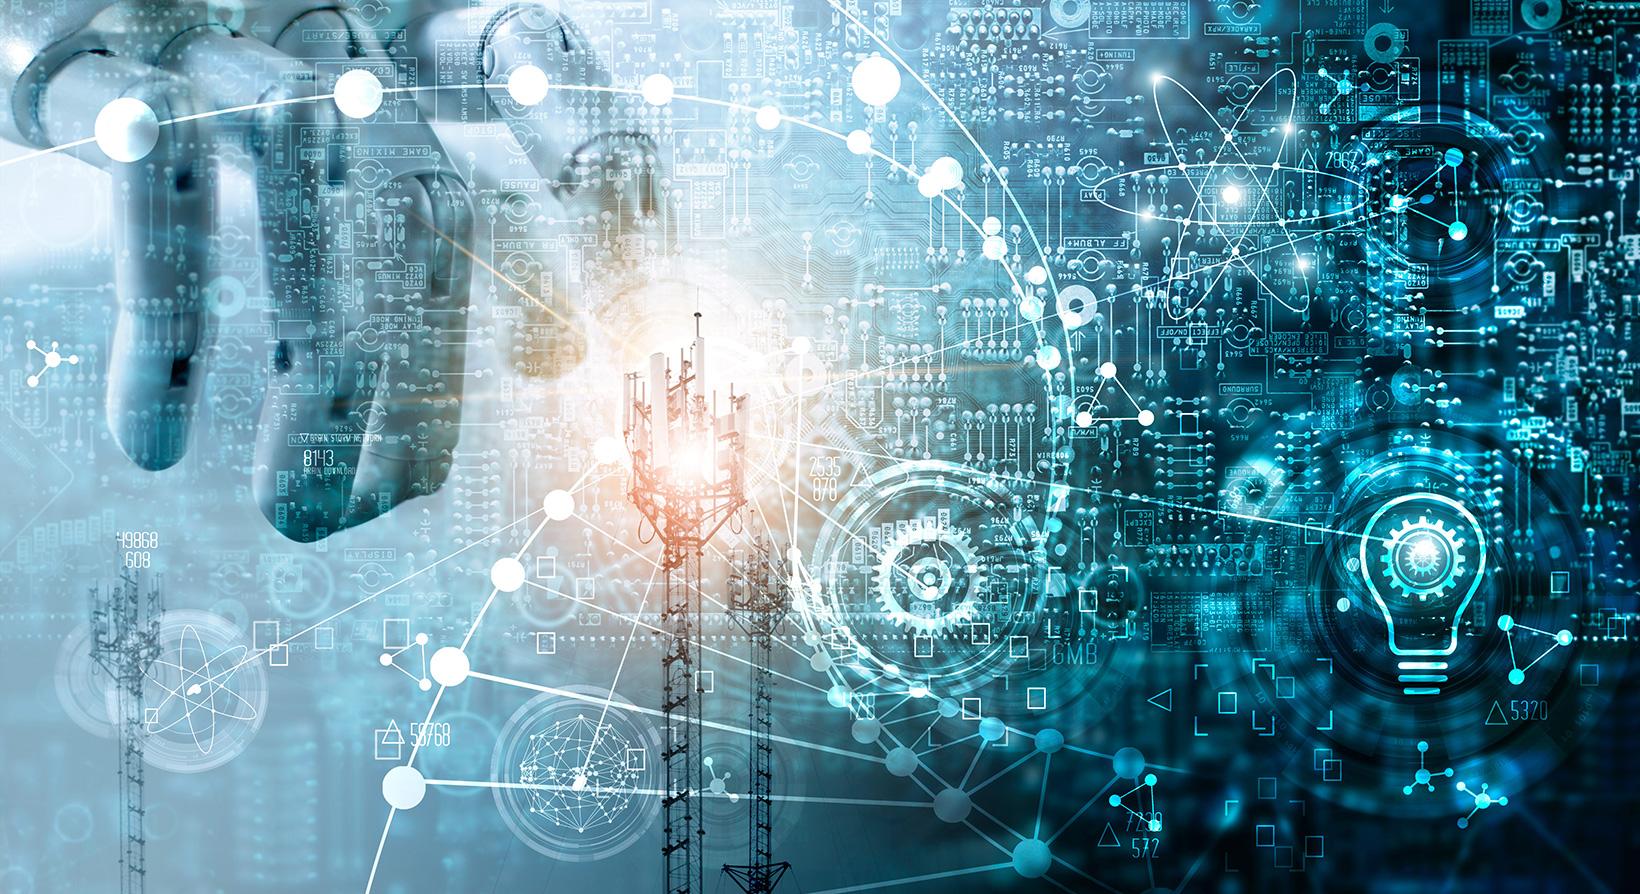 人工智能如何影响工业物联网